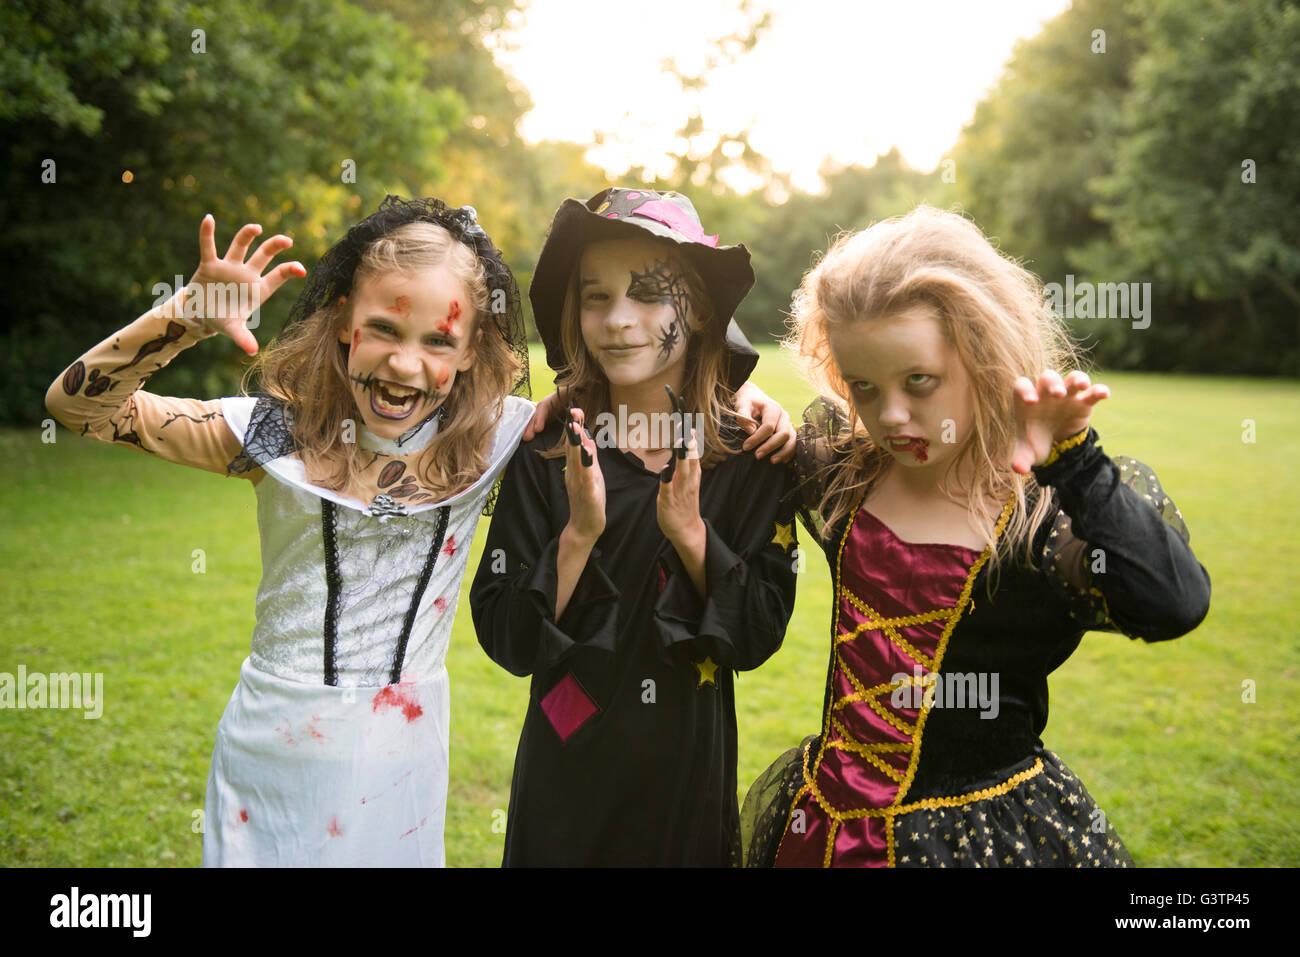 Drei Kinder gekleidet im Kostüm für Halloween-Nacht. Stockfoto